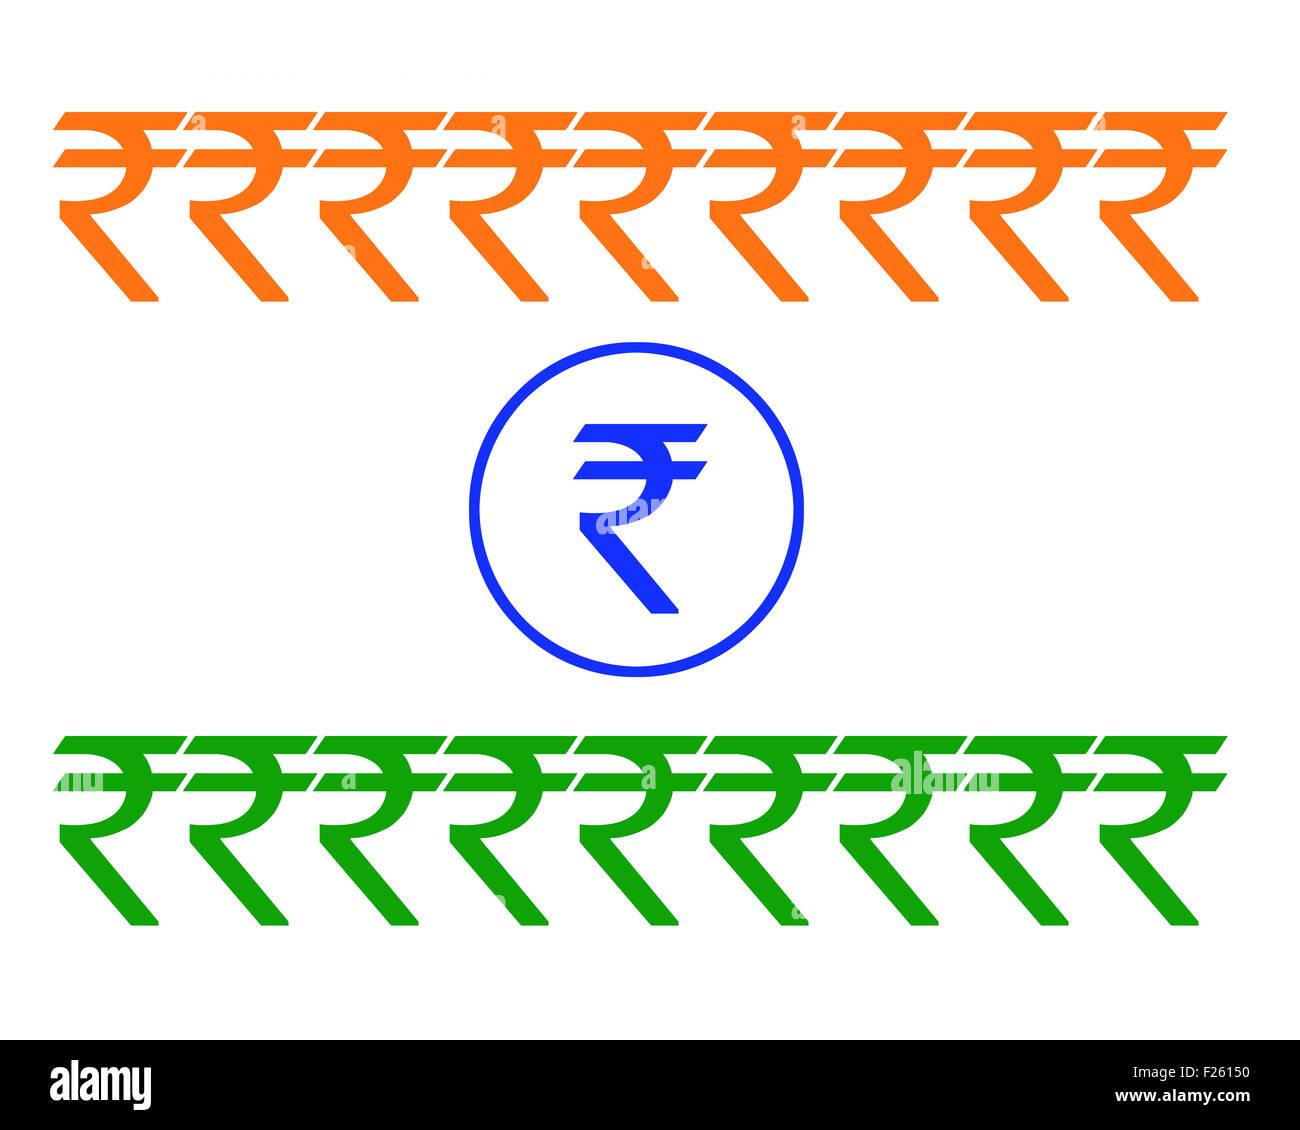 Indian rupee symbol stock photo royalty free image 87413788 alamy indian rupee symbol buycottarizona